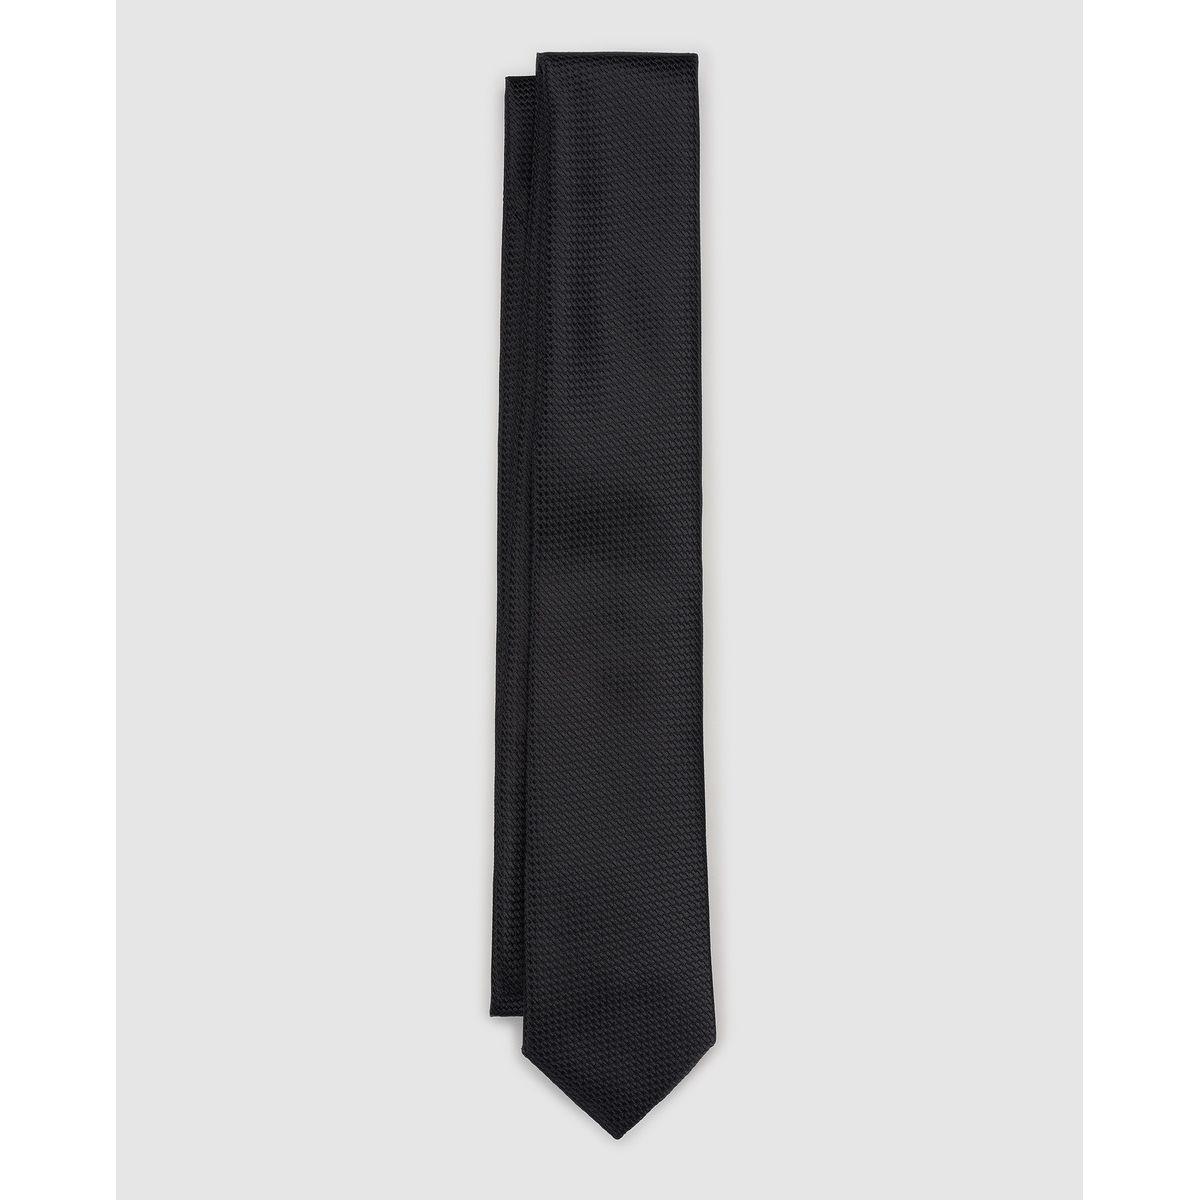 Cravate en polyester unie